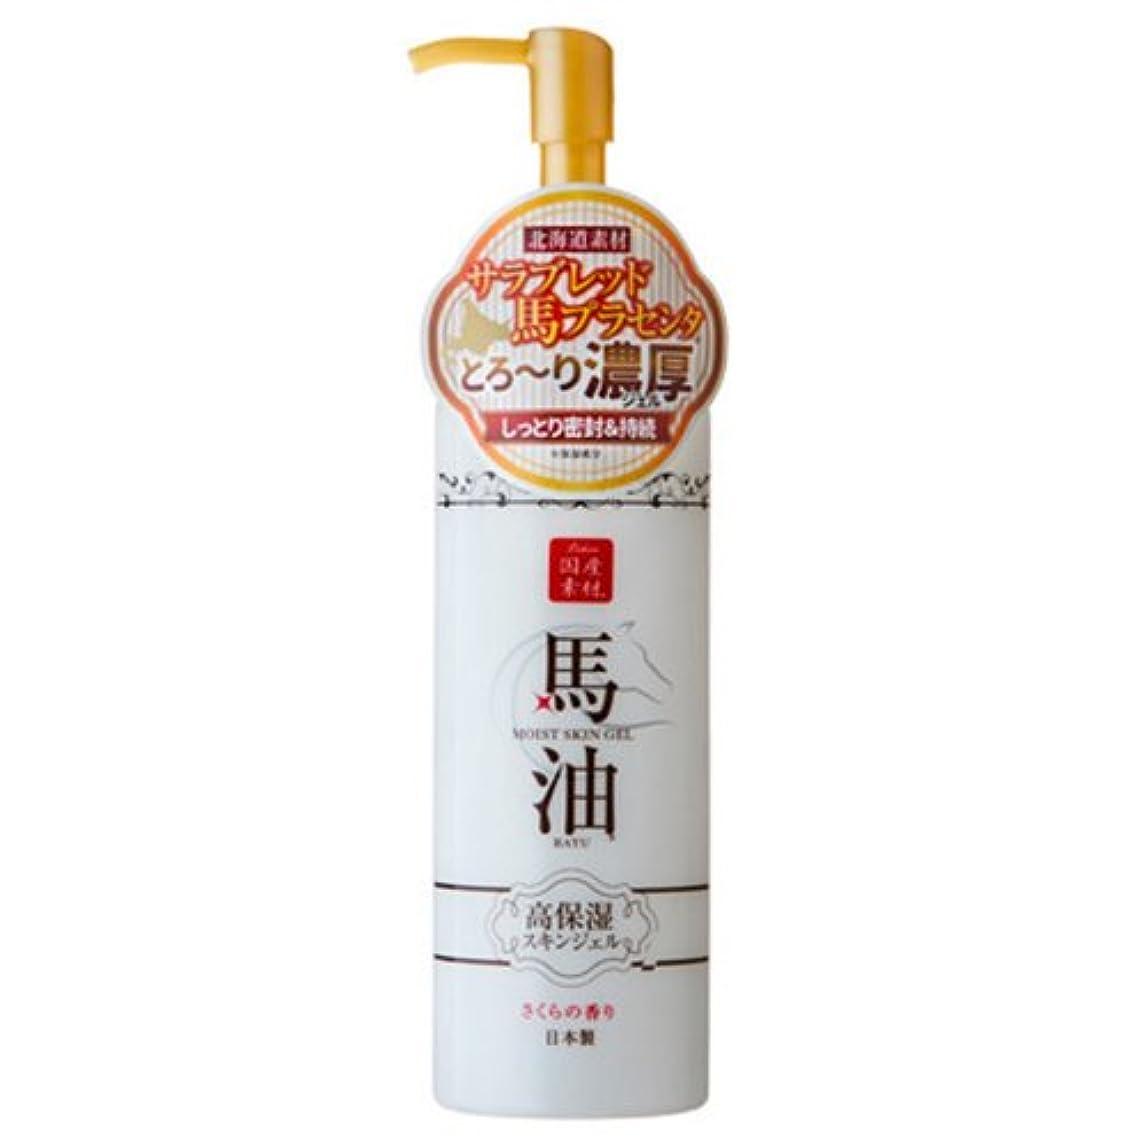 専門化する部樹皮アイスタイル リシャン 馬油しっとりスキンジェル さくらの香り 200mL